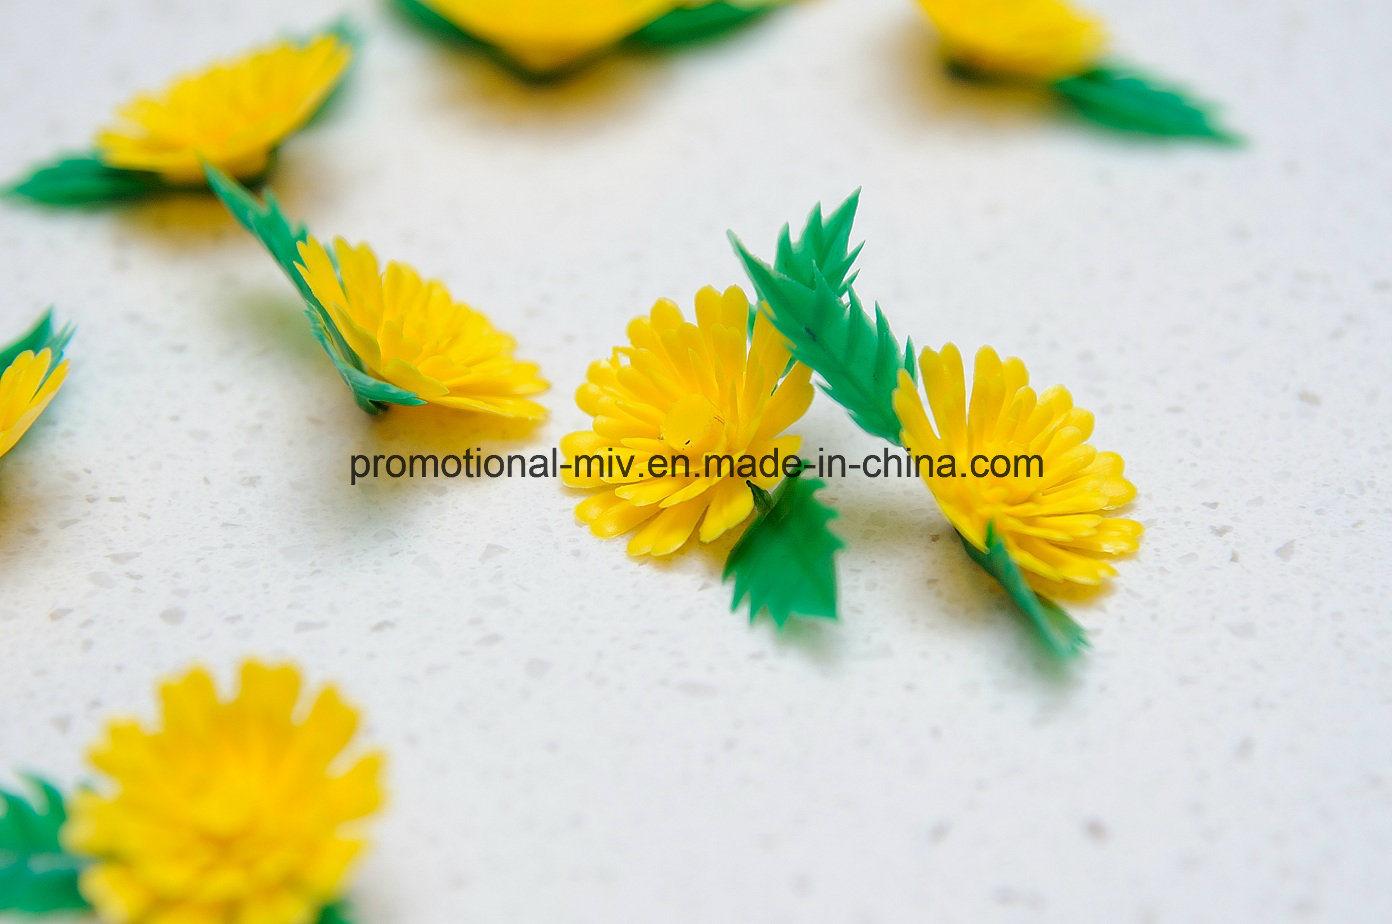 China cheap decorative artificial plastic chrysanthemum flowers for china cheap decorative artificial plastic chrysanthemum flowers for restaurant china plastic flowers promotional flowers izmirmasajfo